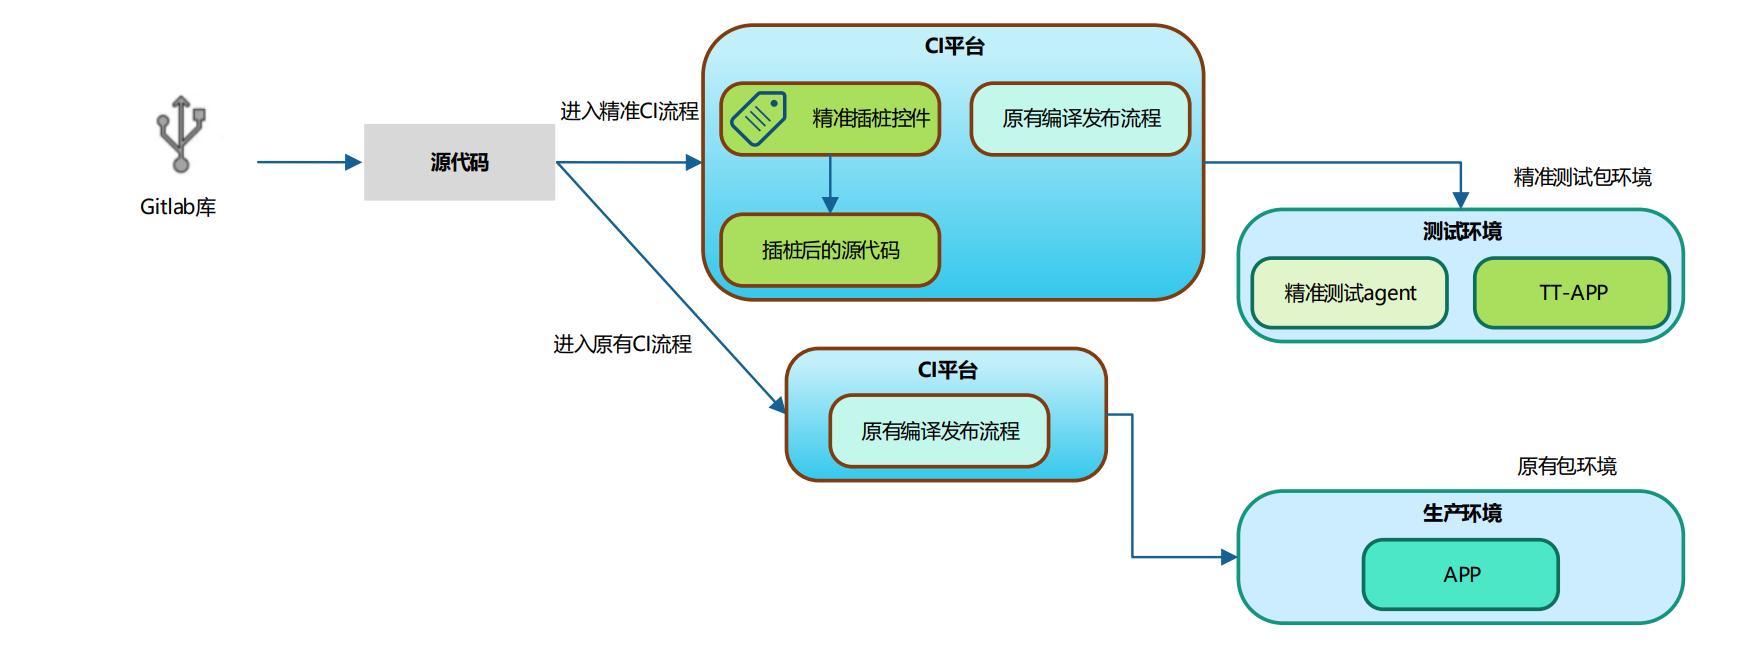 图7.4 精准测试与CI对接方案